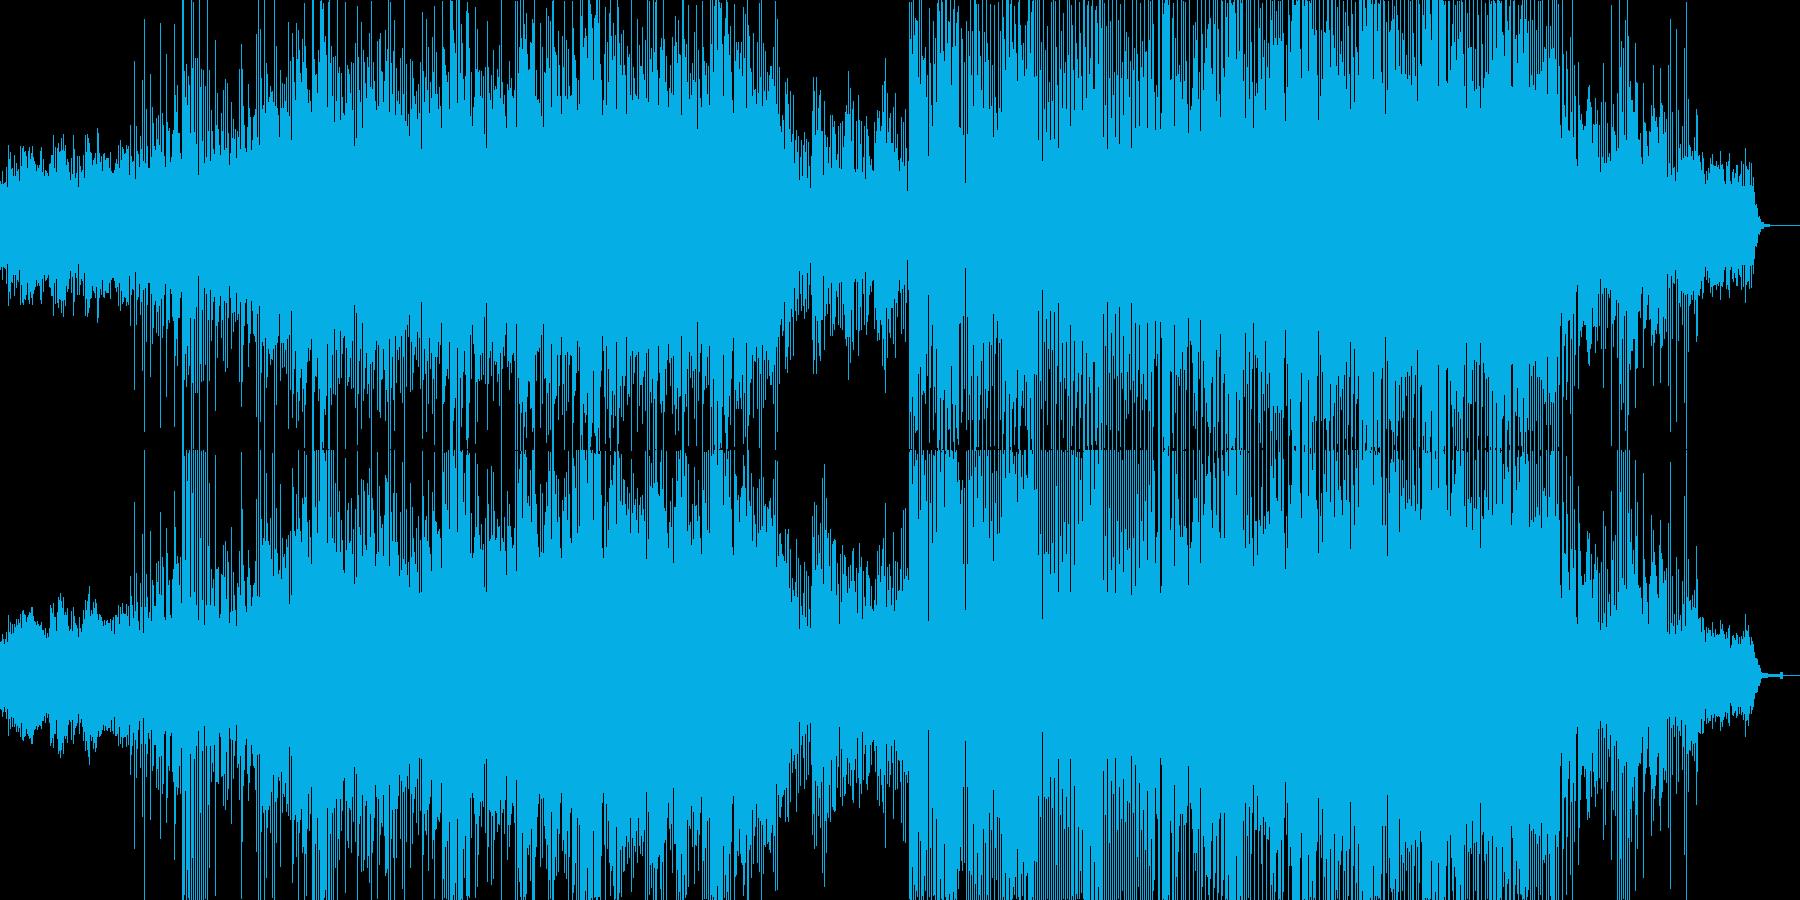 幻想的で不思議な雰囲気のテクノの再生済みの波形